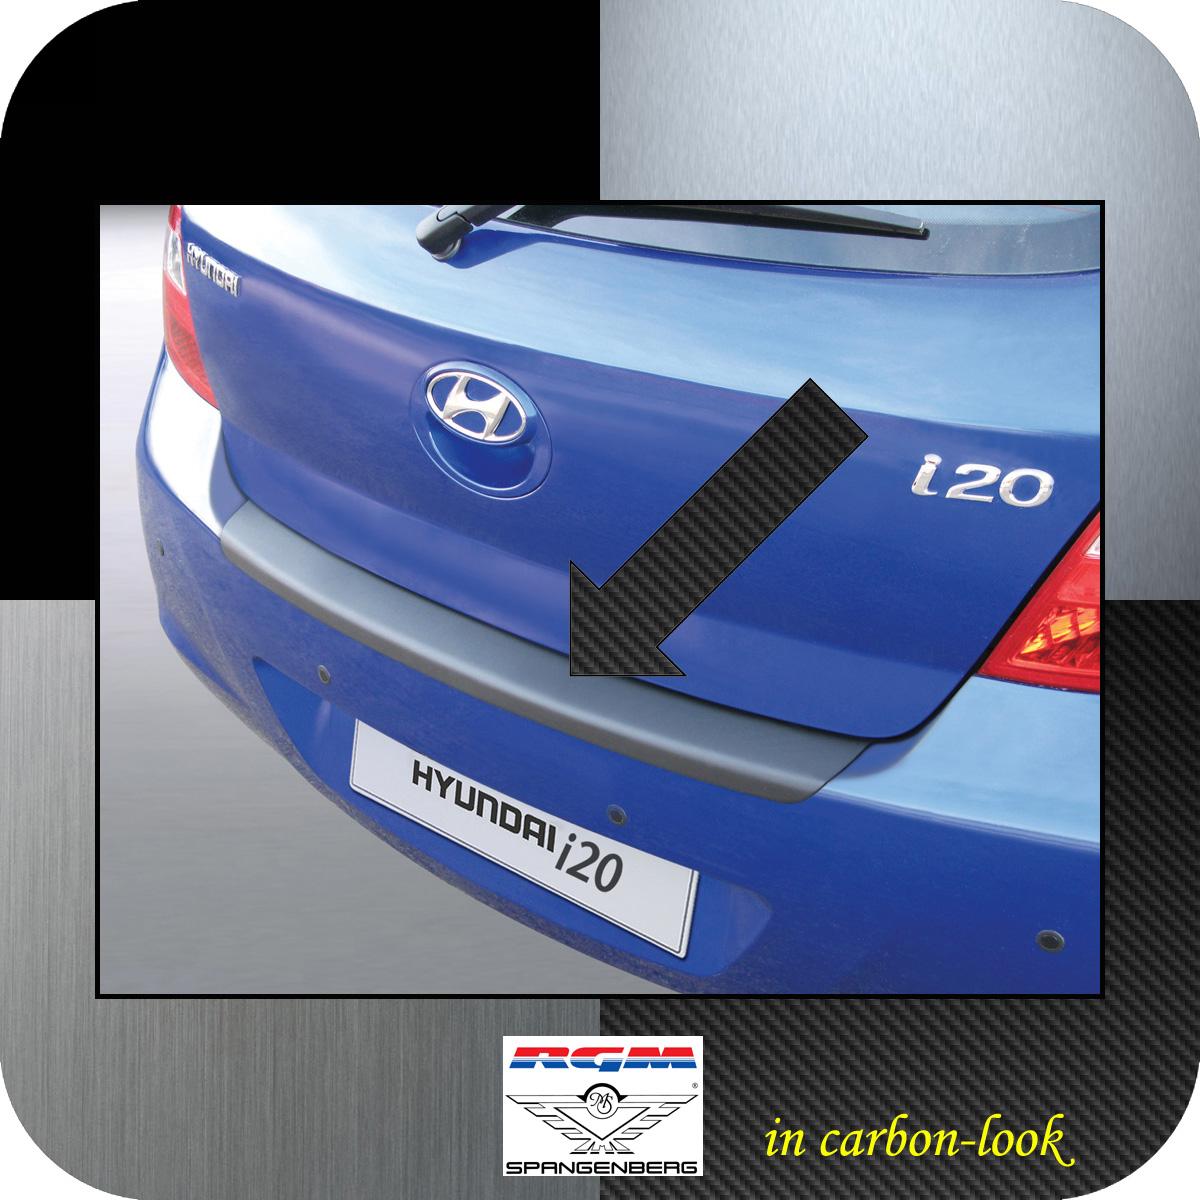 Ladekantenschutz Carbon-Look Hyundai i20 I Schrägheck vor Mopf 2008-12 3509212